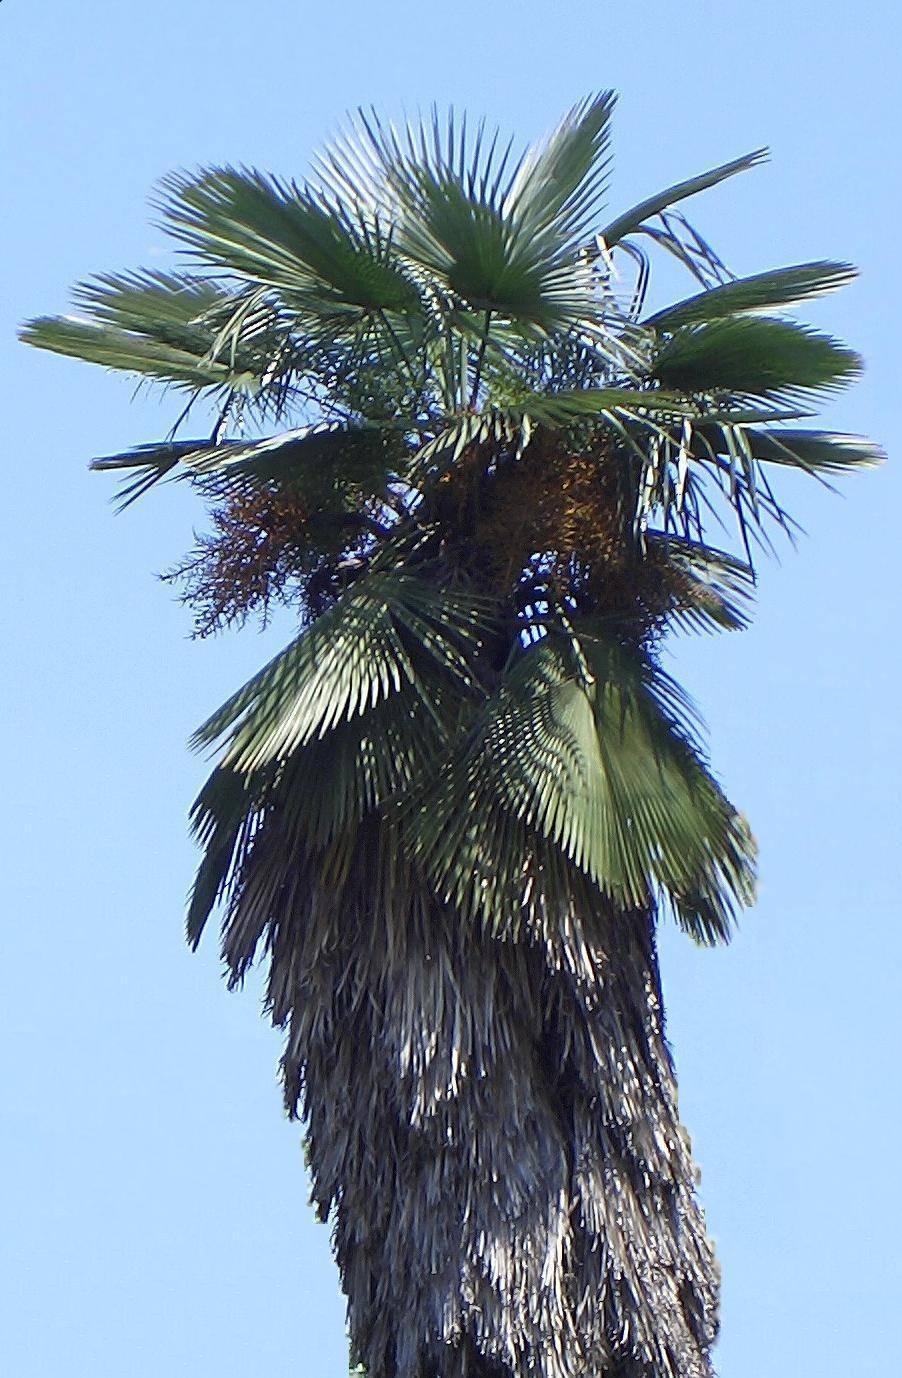 Image of Kumaon Fan Palm